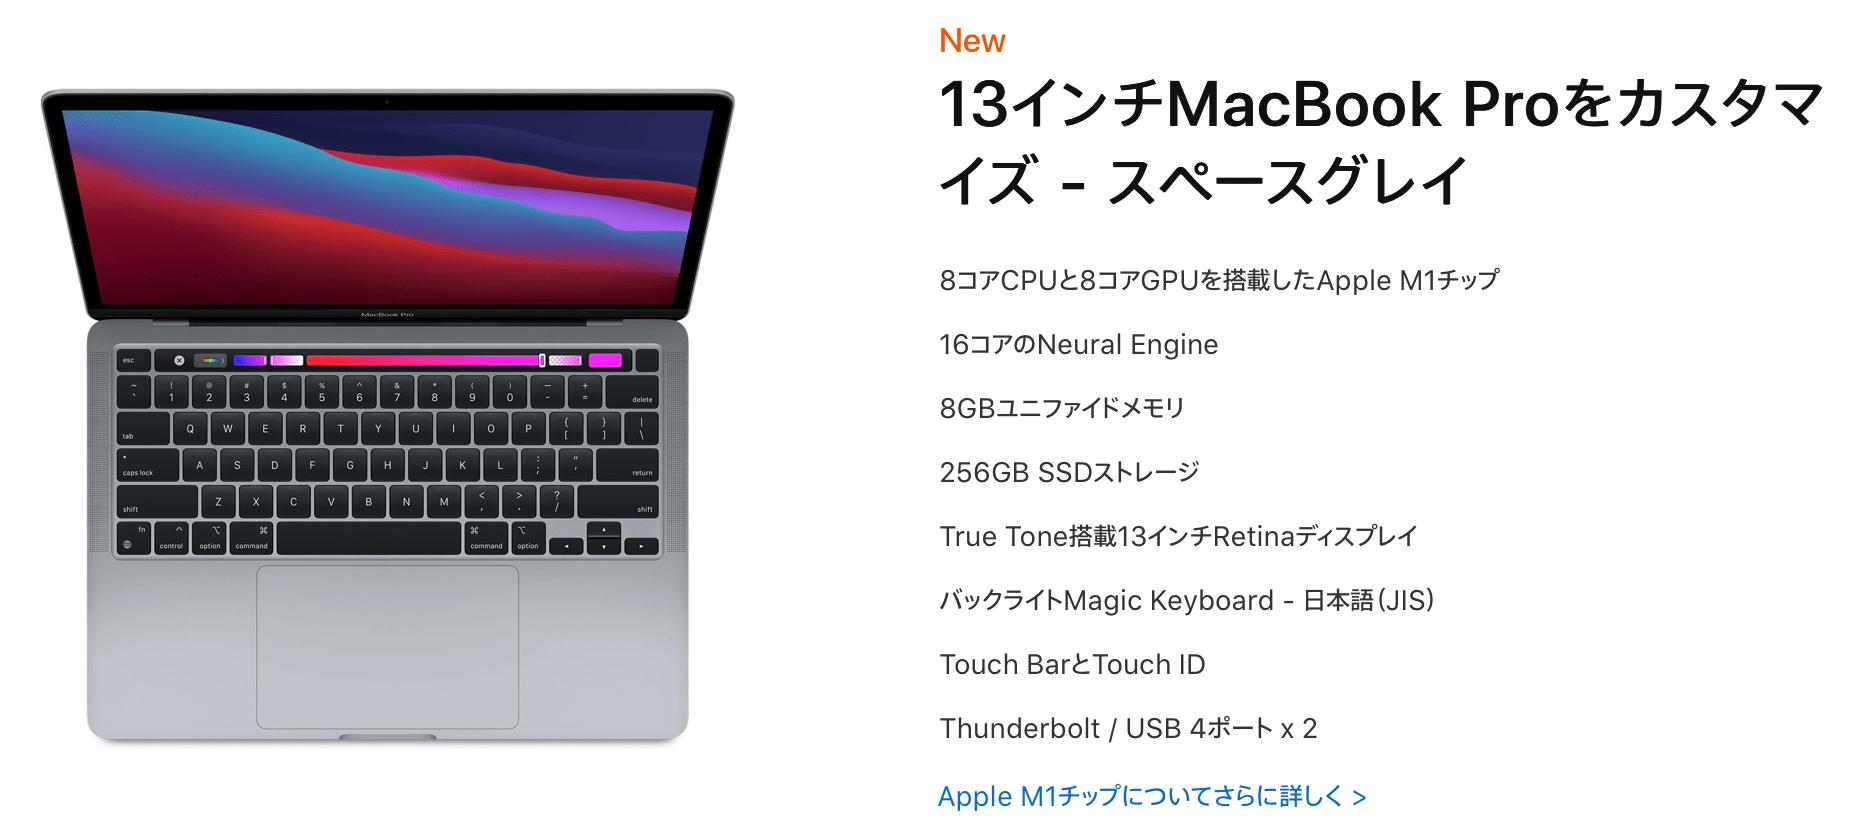 13インチ MacBook Pro(M1チップ)